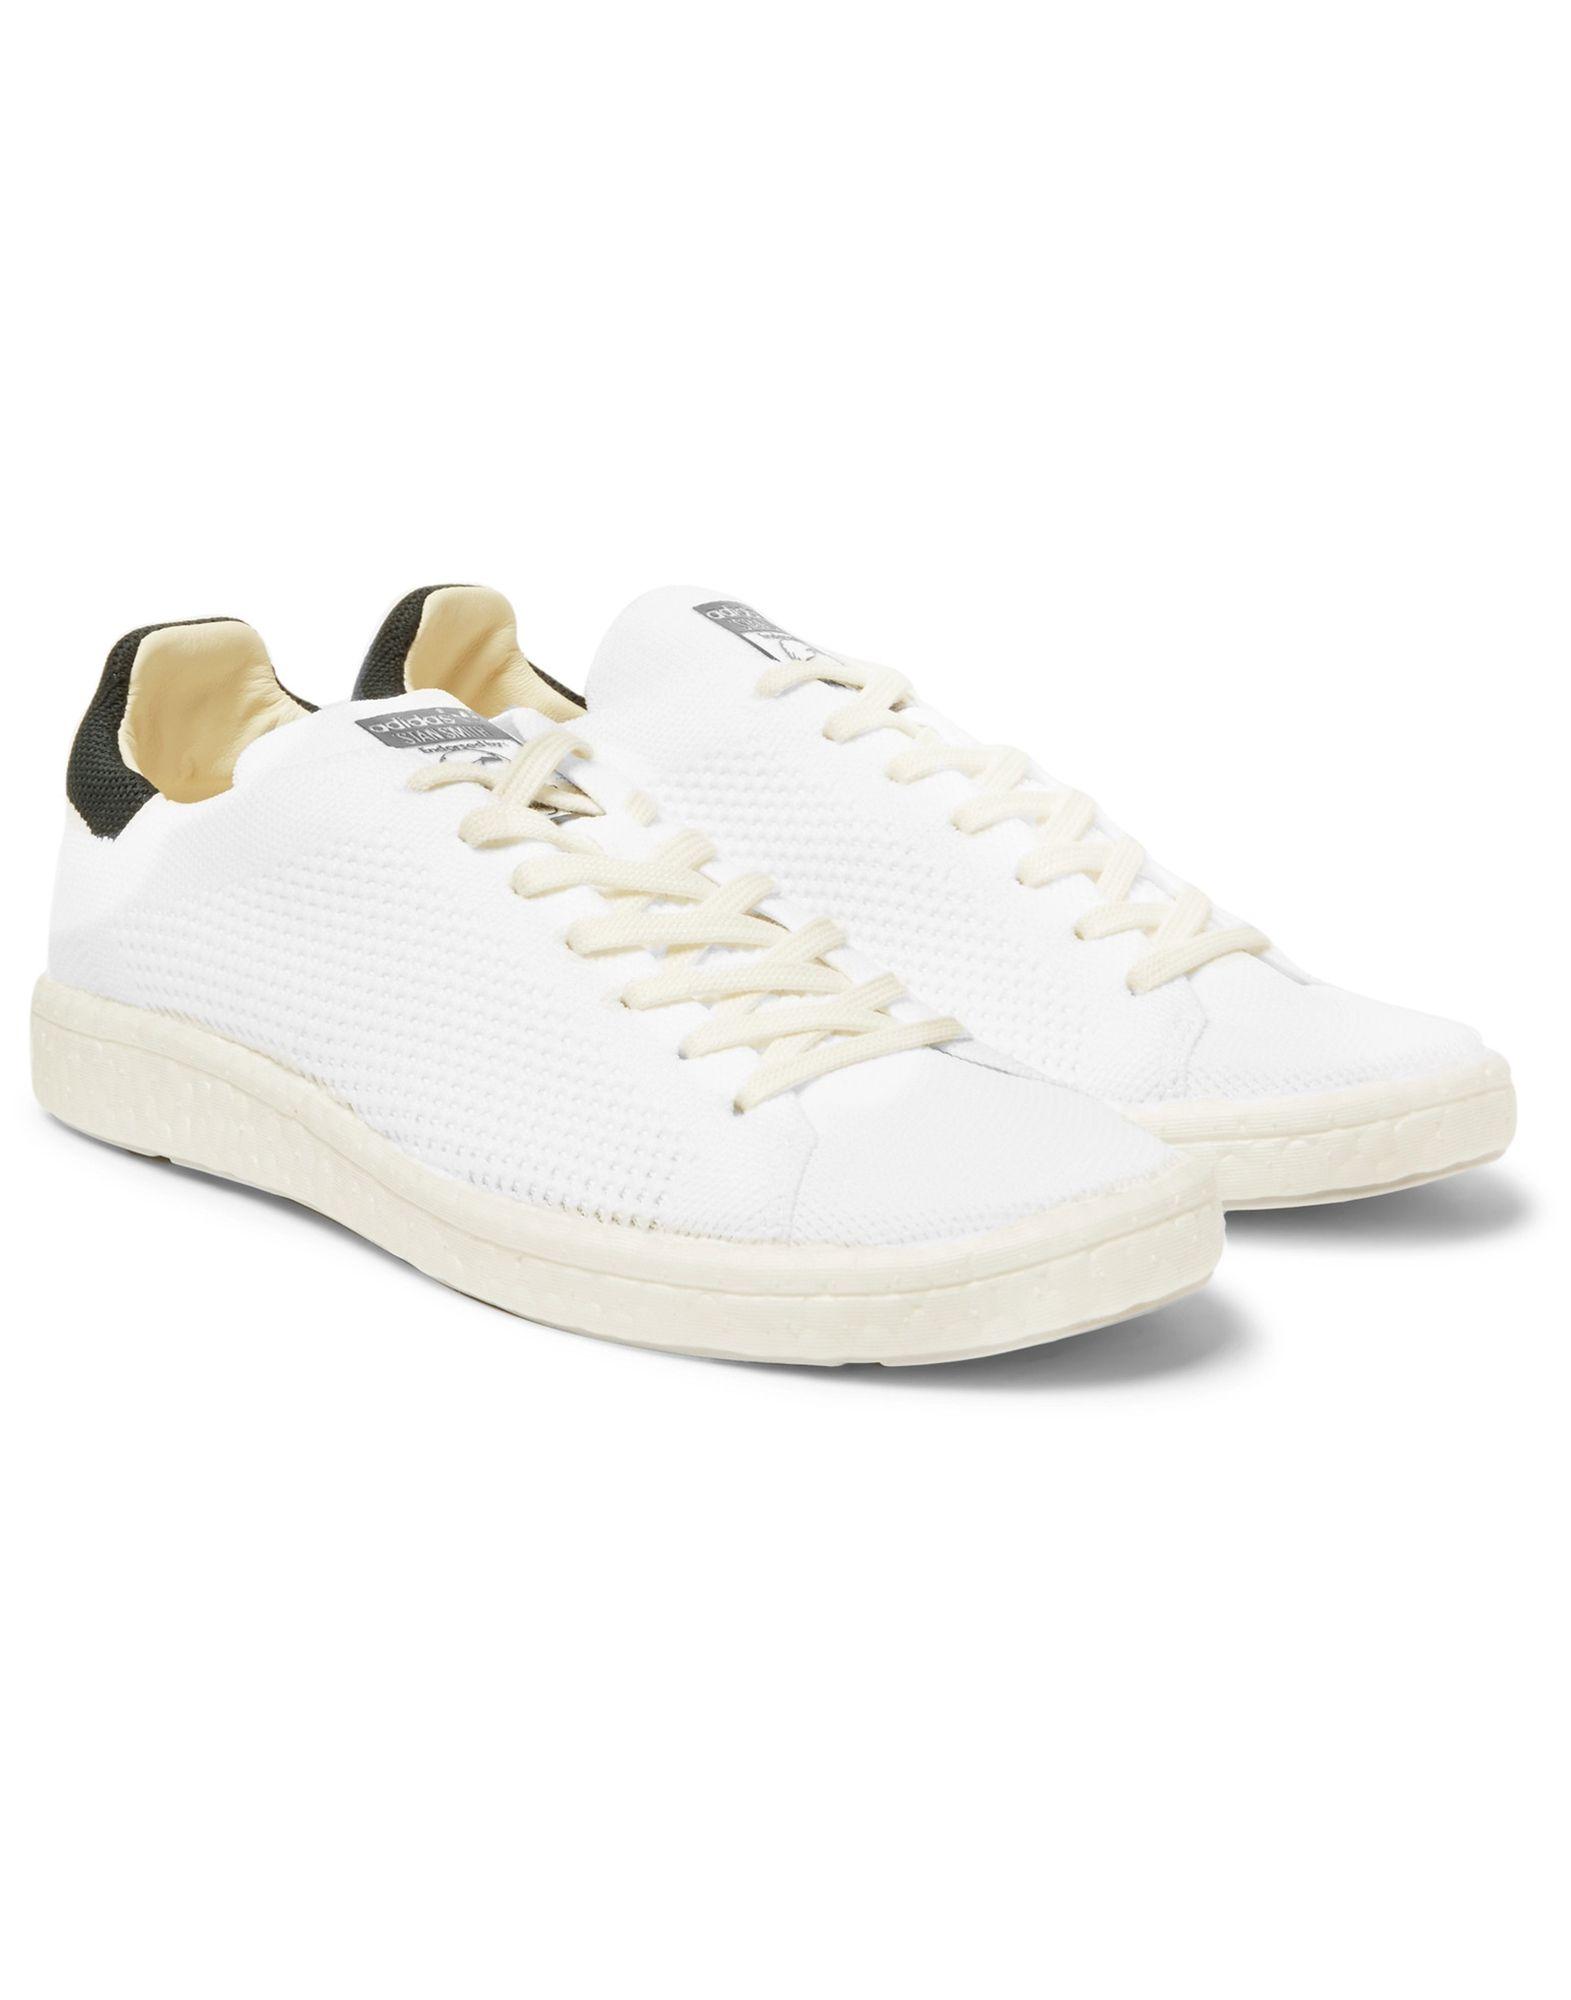 Sneakers 11463469NR Adidas Originals Uomo - 11463469NR Sneakers dedf24